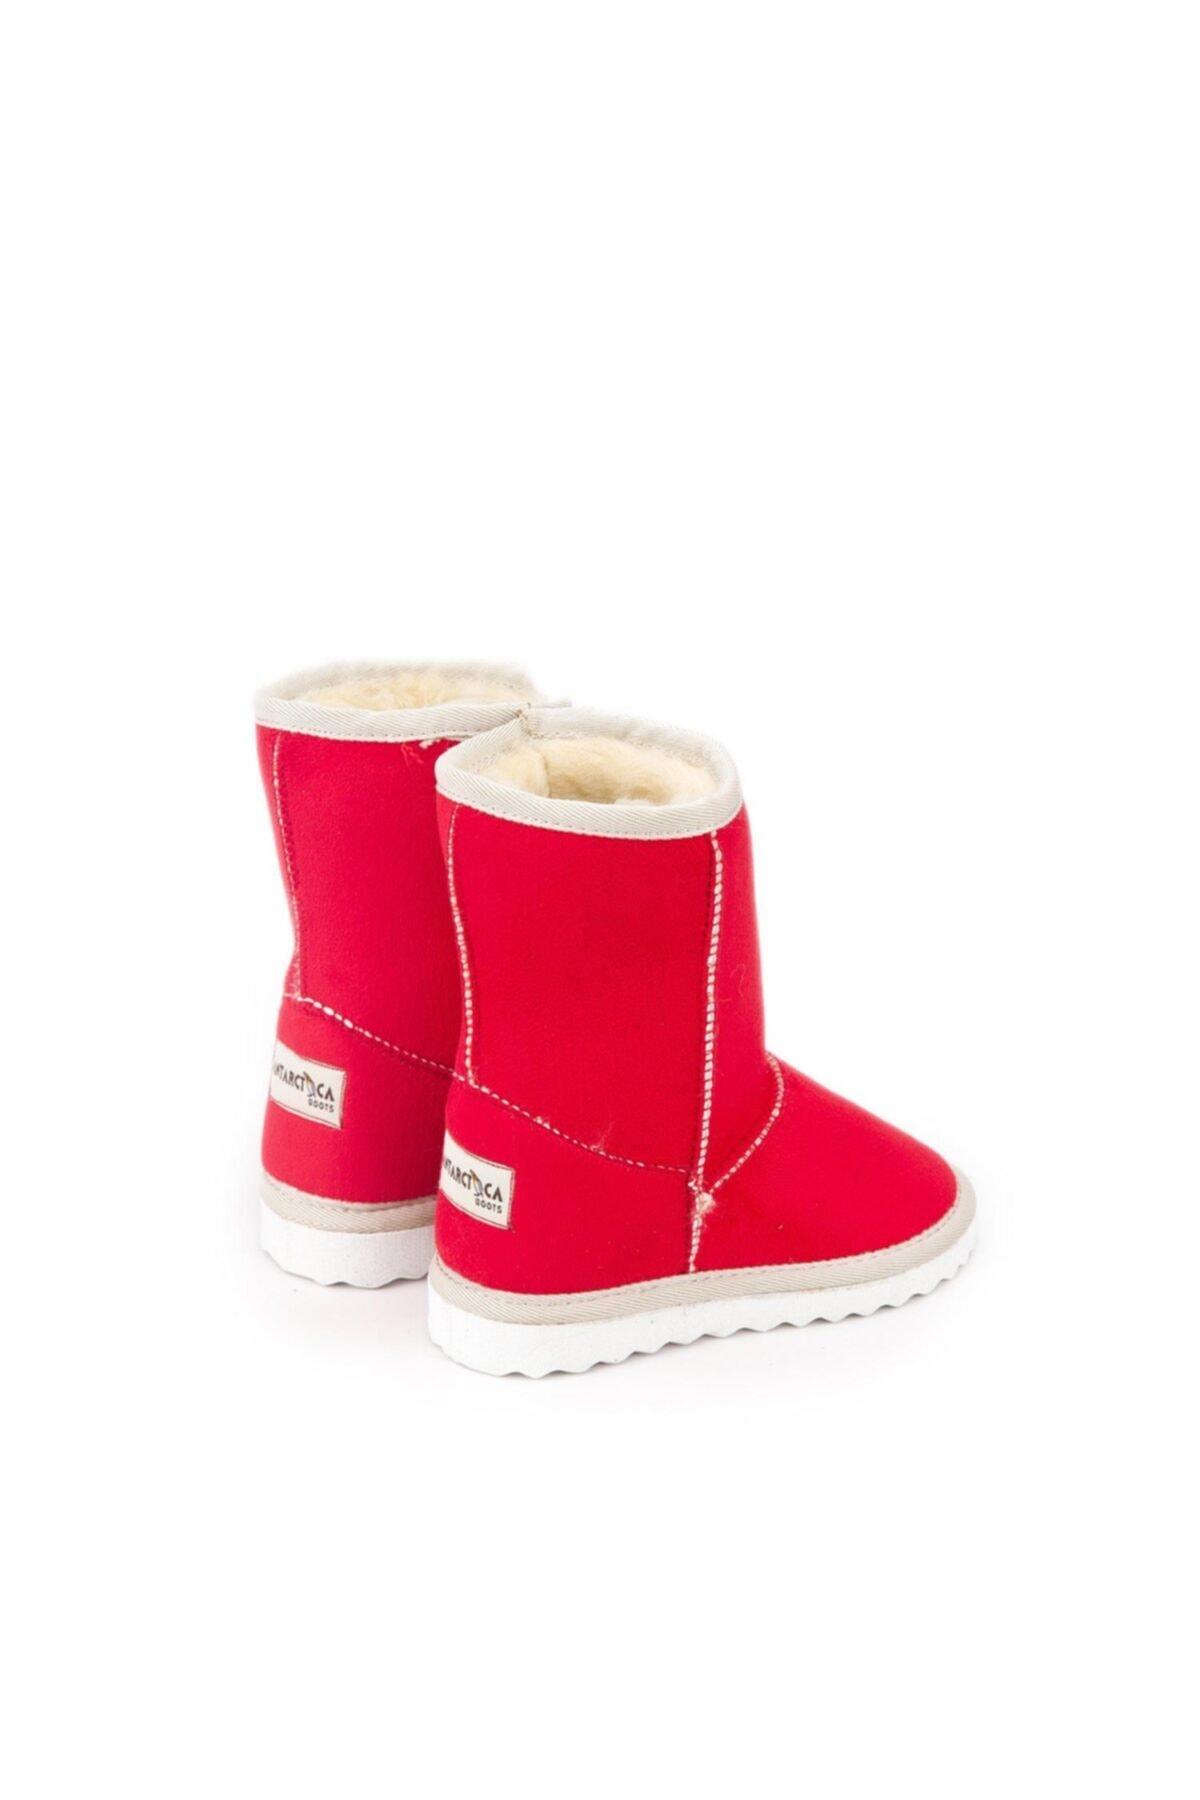 Antarctica Boots Klasik Içi Kürklü Eva Taban Süet Kırmızı Çocuk Bot 2